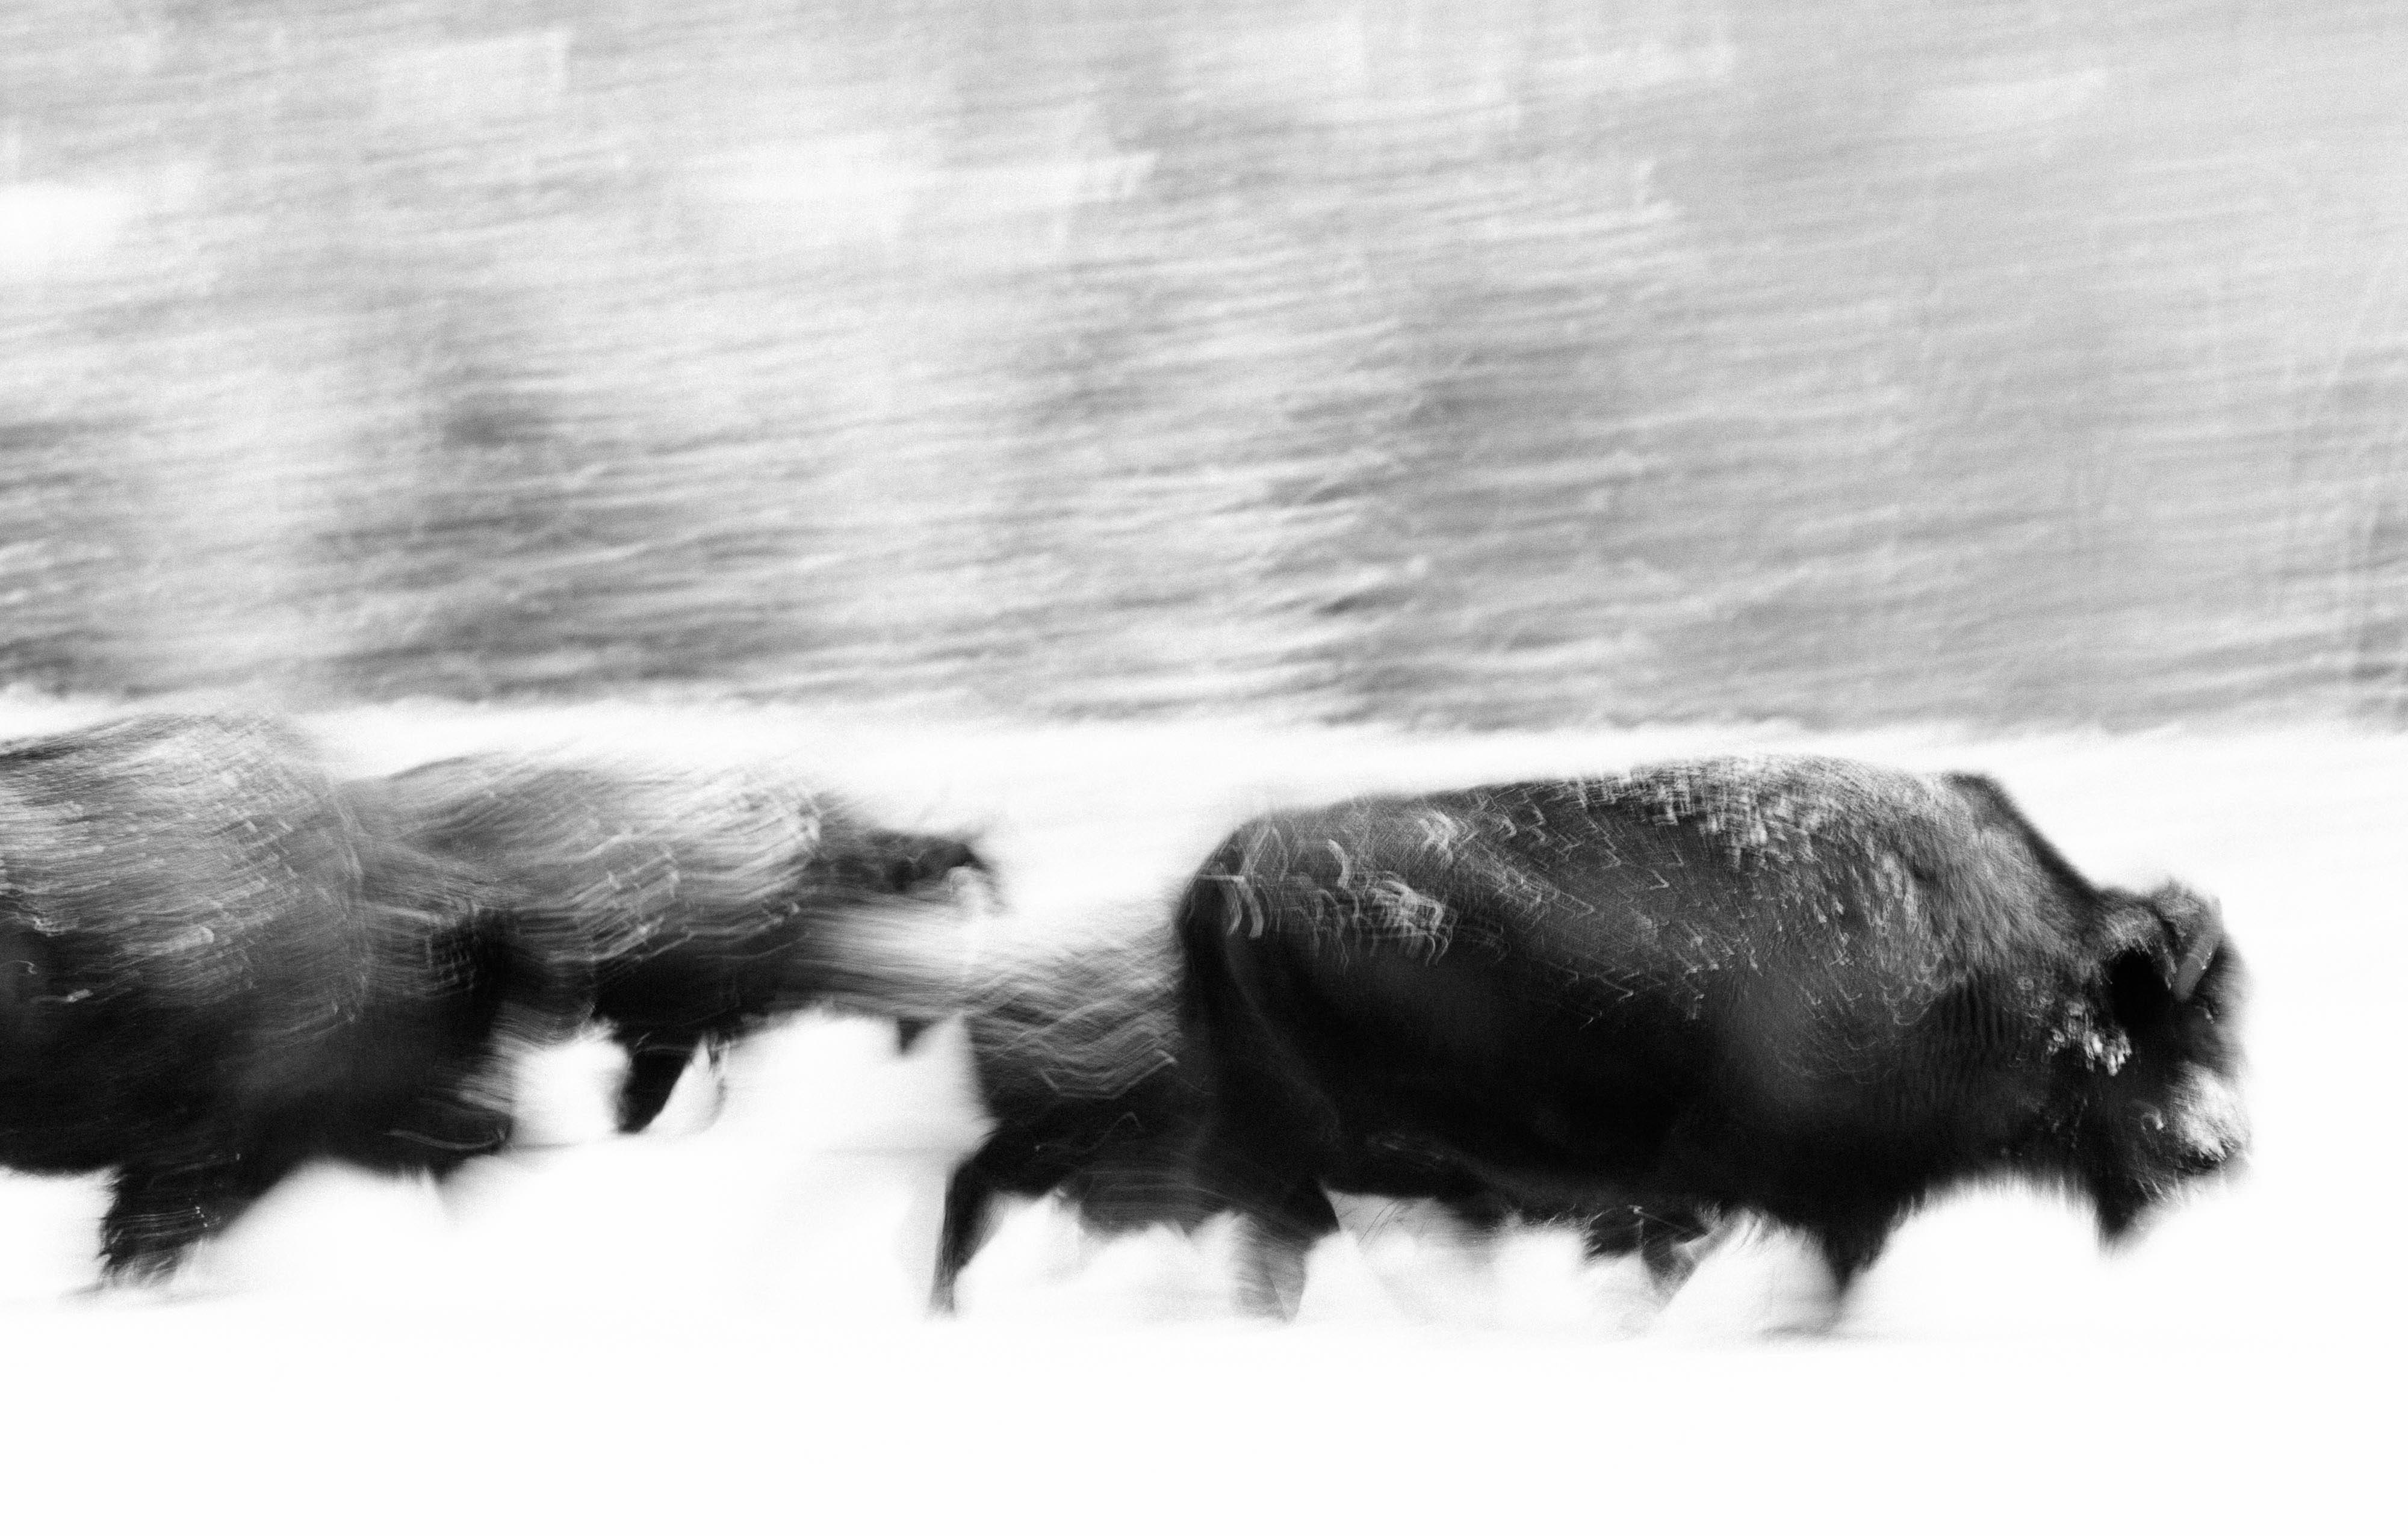 Lightroom Modules Header Photo - Winter Bison Wyoming © Jay Goodrich